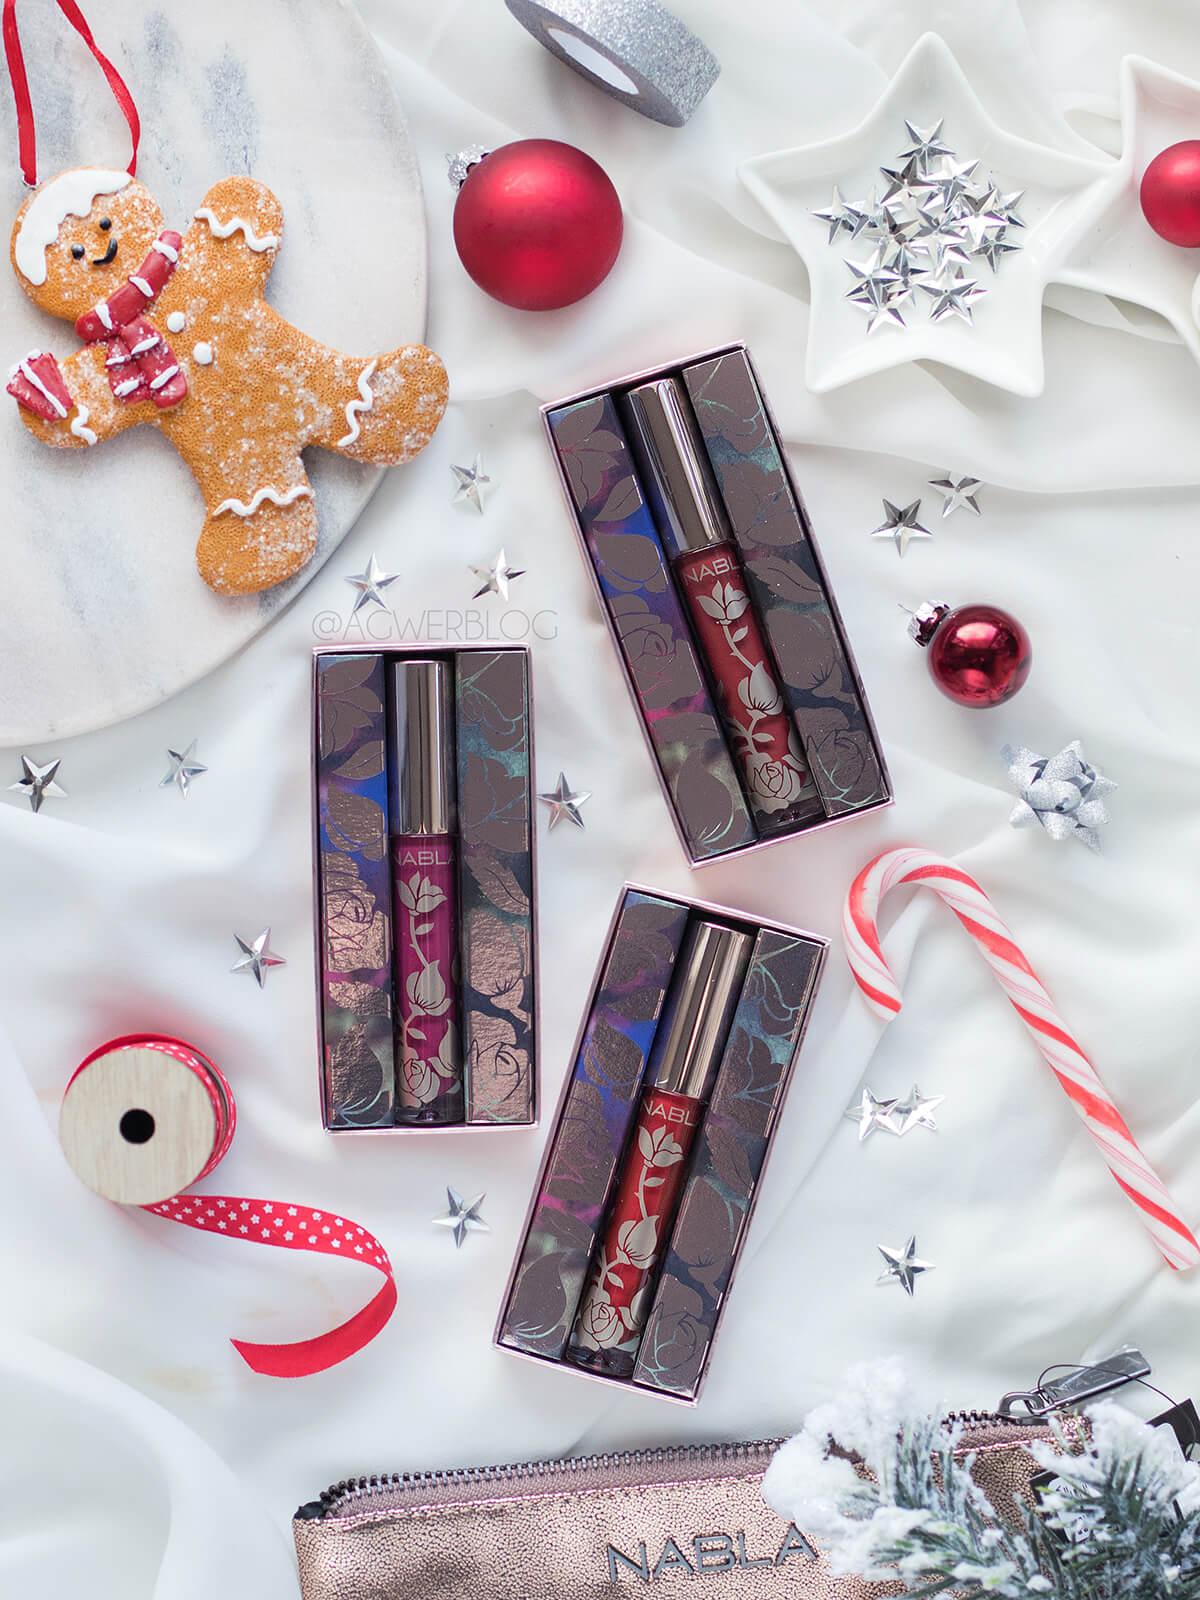 nabla holiday collection blog